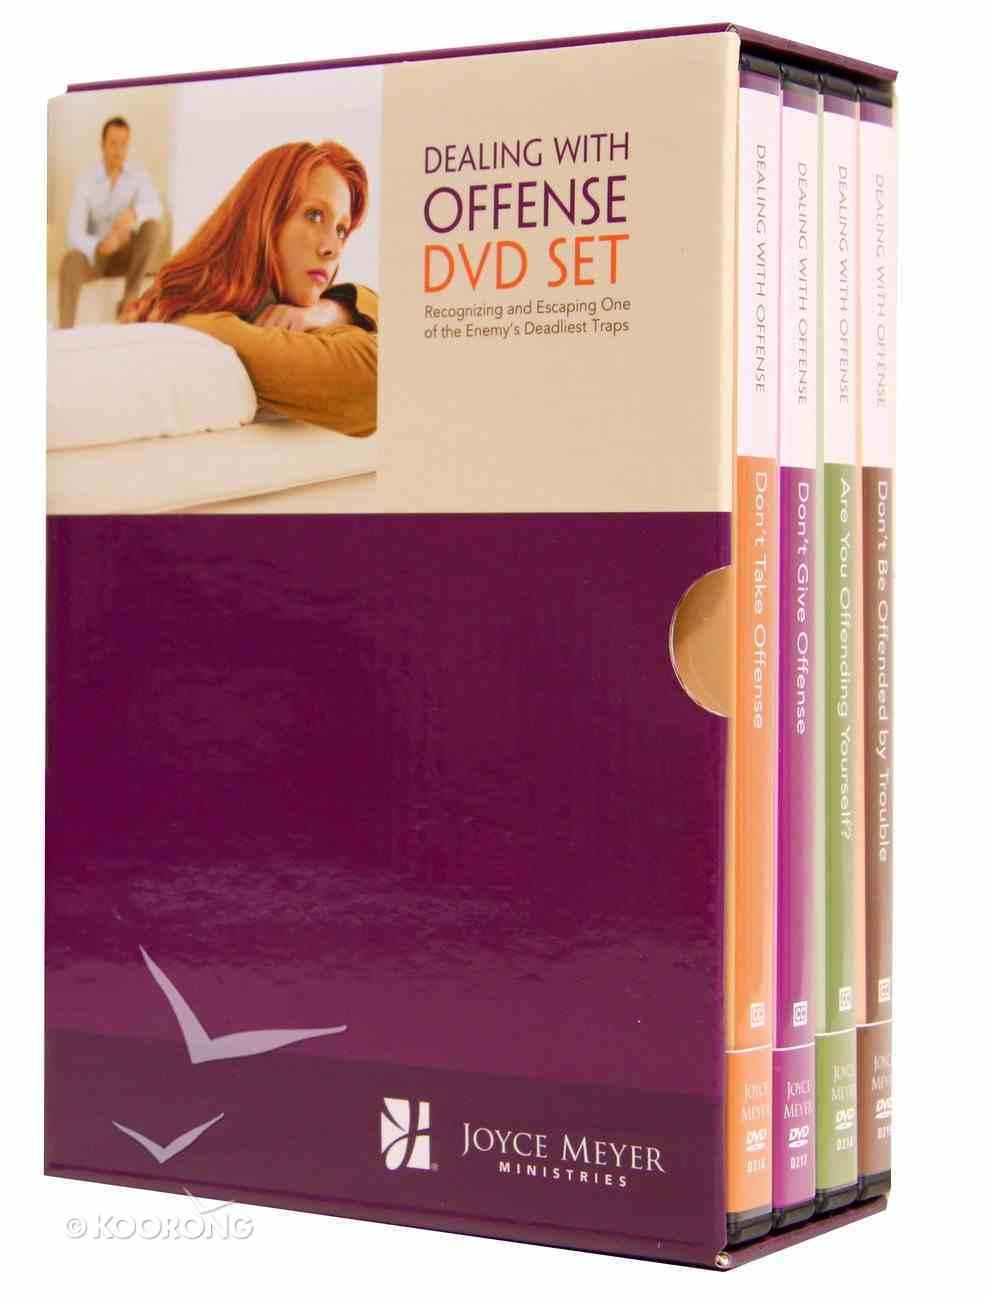 Dealing With Offense (4 Dvd Set) DVD